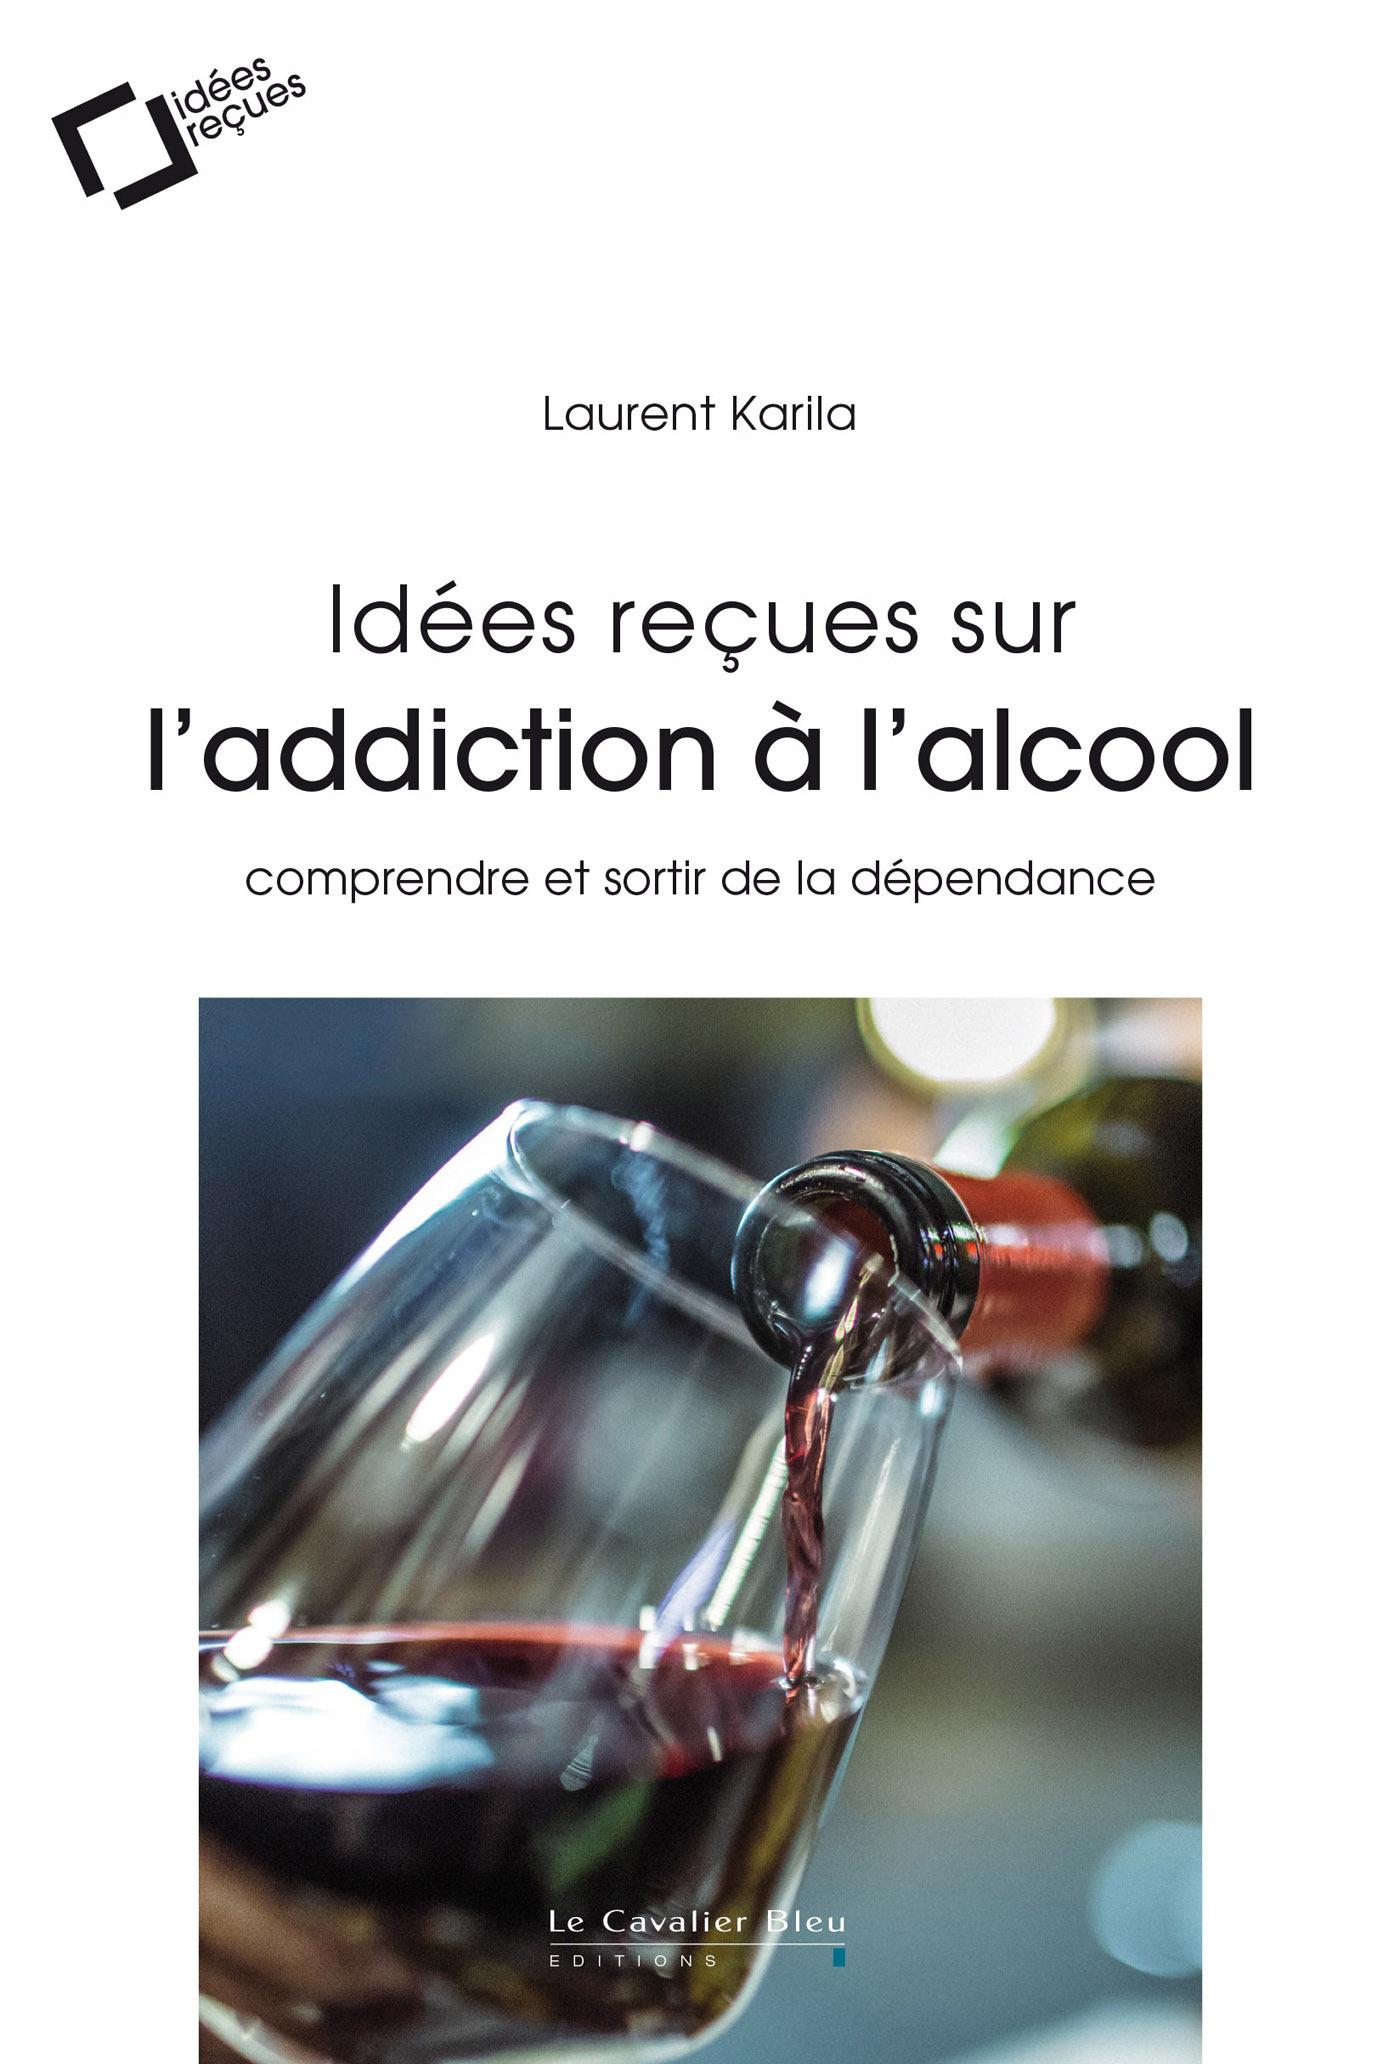 IDEES RECUES SUR L'ADDICTION A L'ALCOOL - COMPRENDRE ET SORTIR DE LA DEPENDANCE